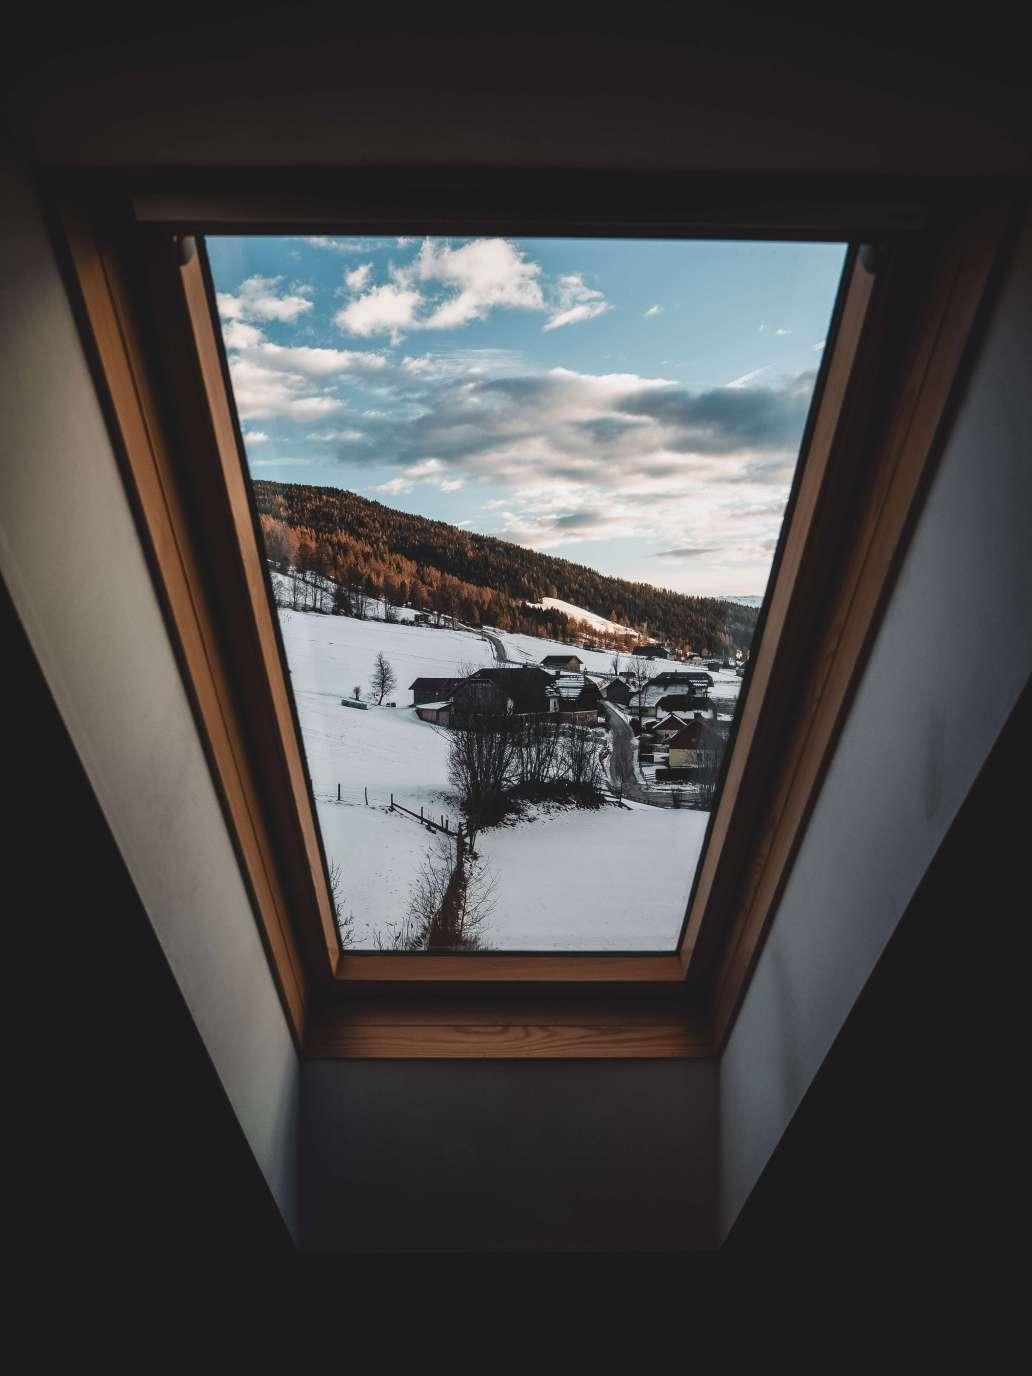 matthias oberholzer 0NOsFrdHpMs unsplash 2 1536x2048 - Quand faut-il changer ses fenêtres ?